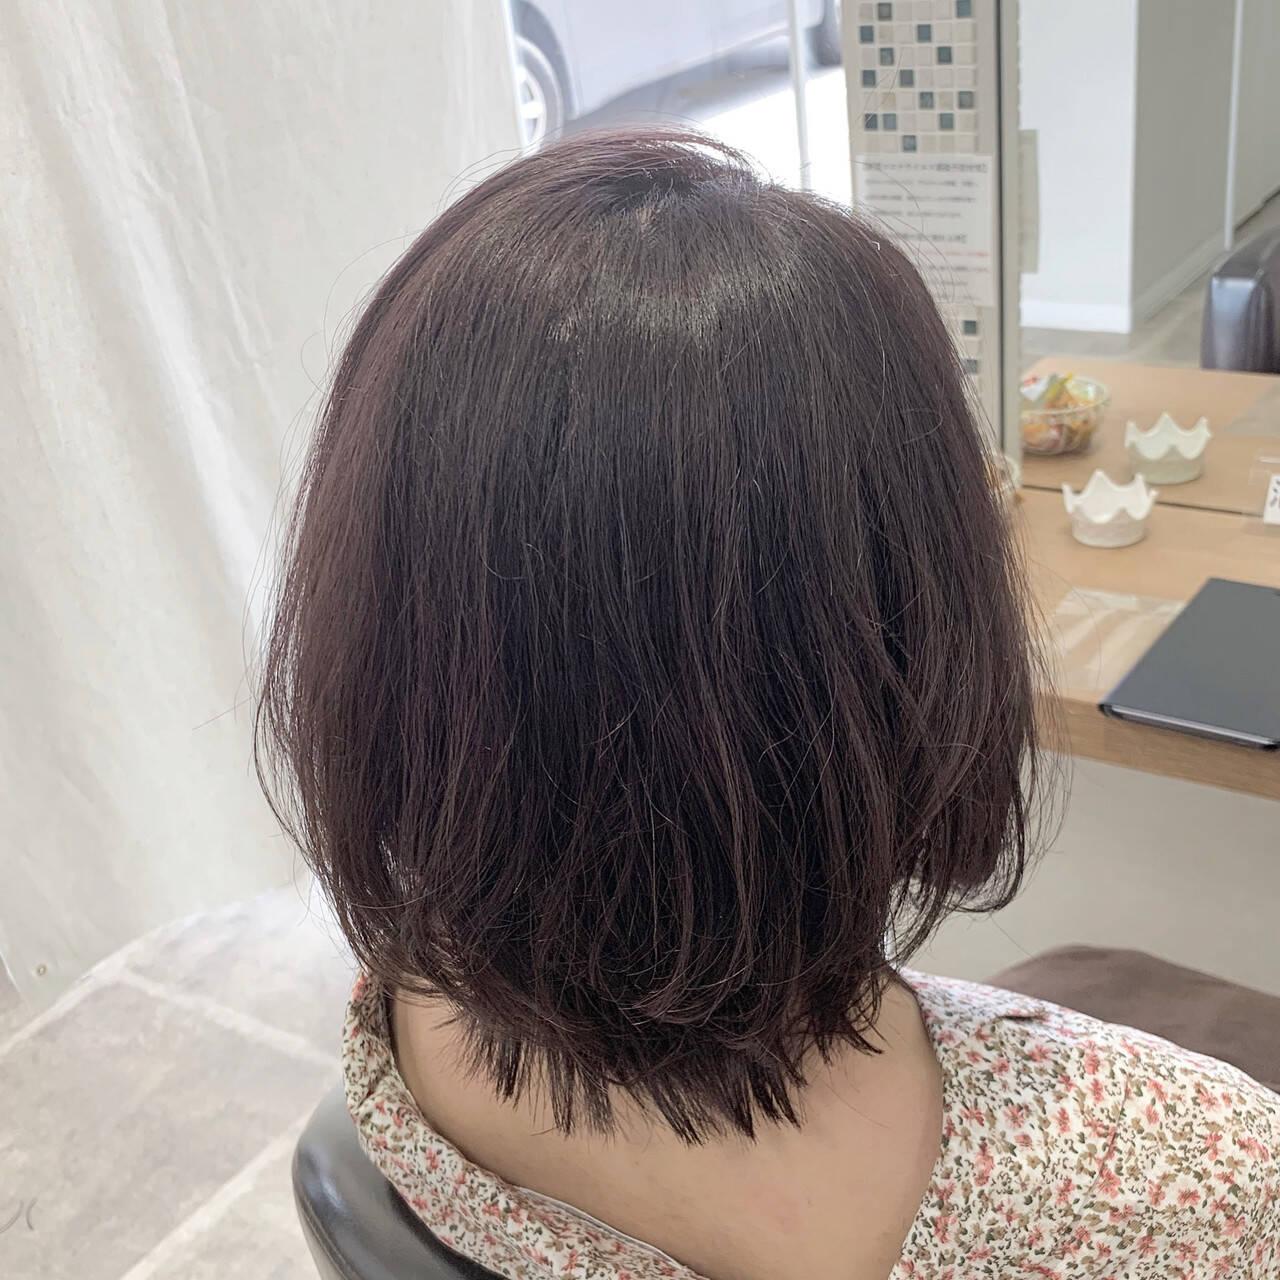 ミディアム ラベージュ 透け感ヘア フェミニンヘアスタイルや髪型の写真・画像